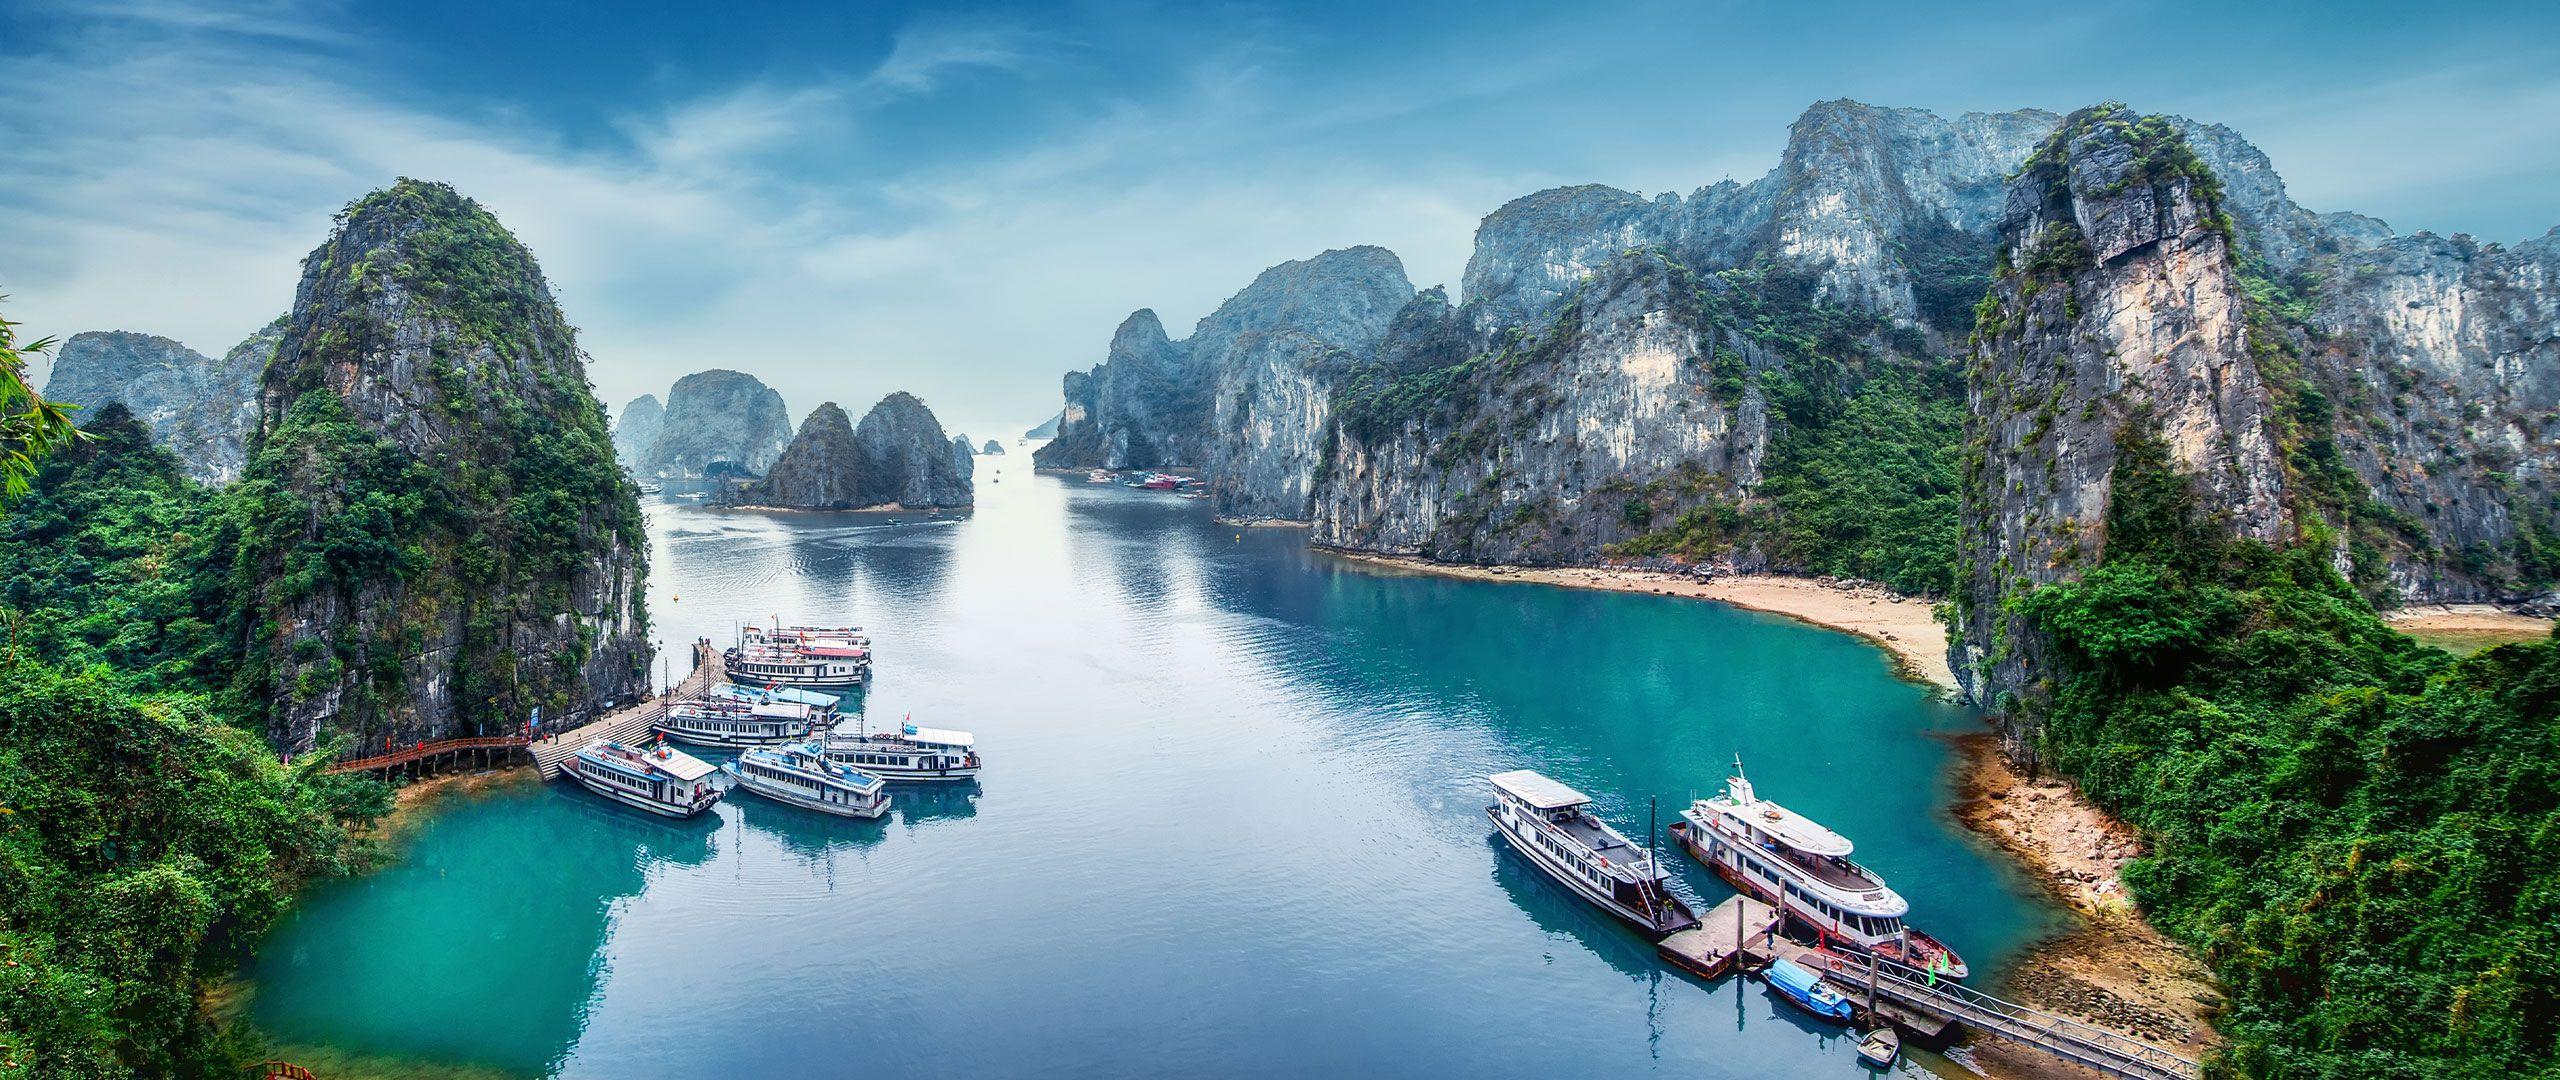 urlaub-in-vietnam-reisetipp.jpg